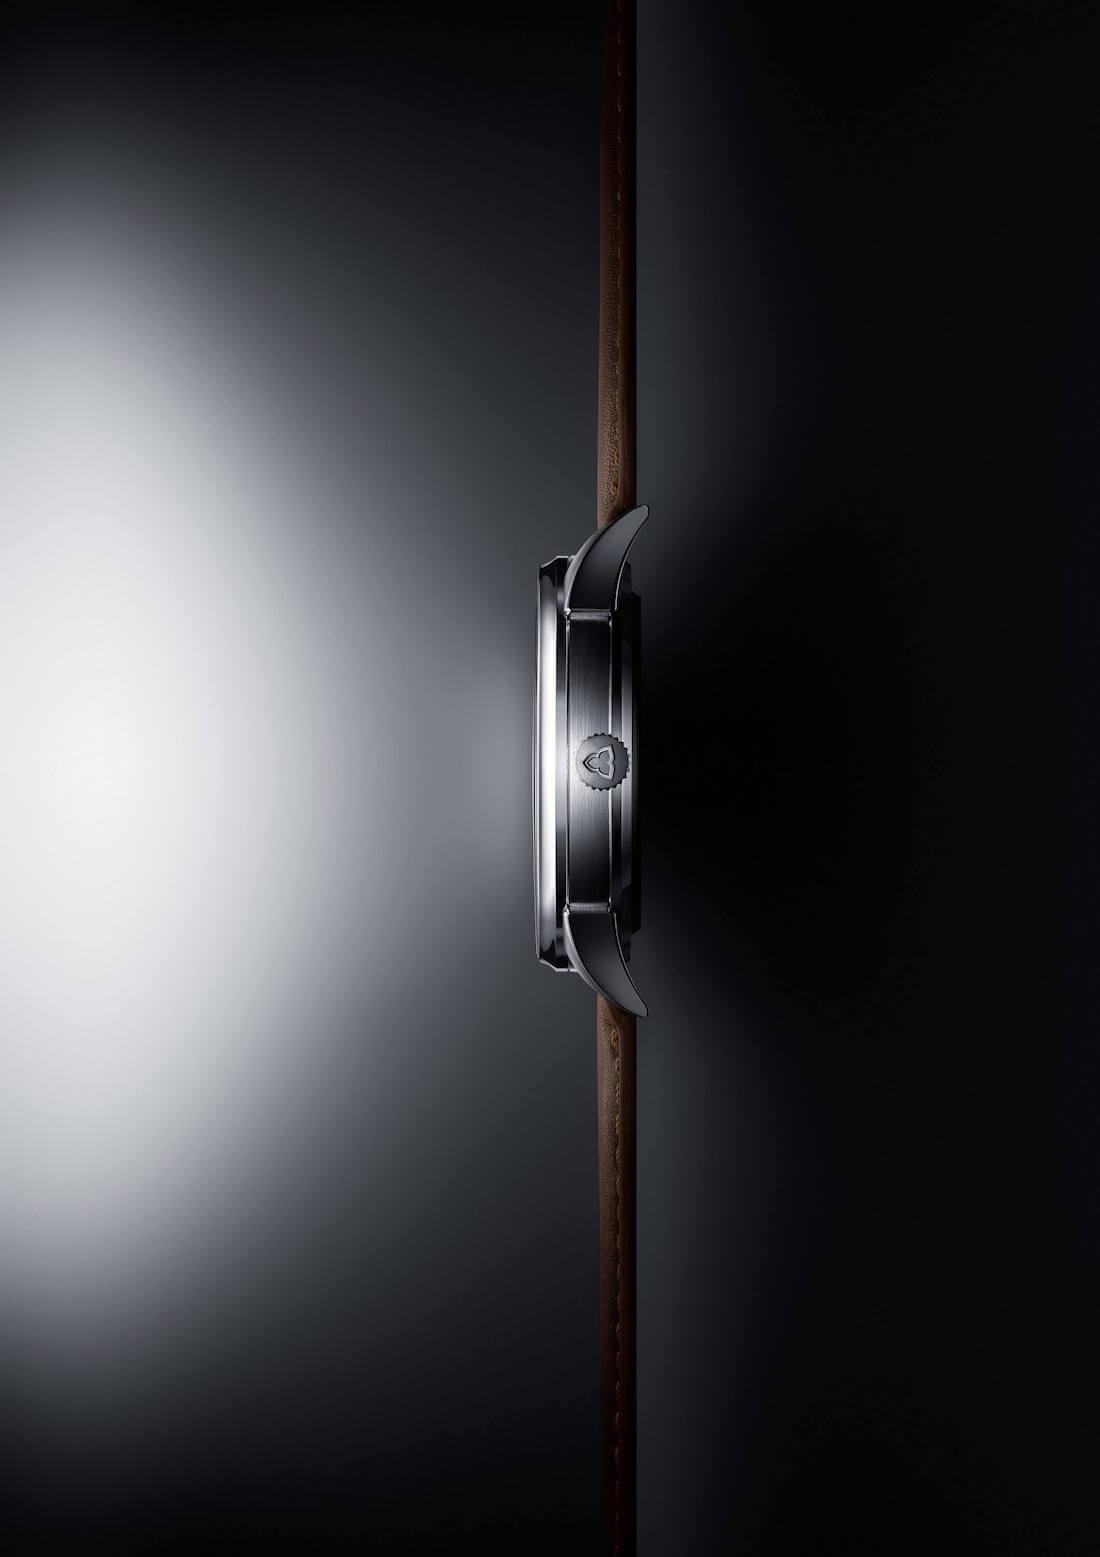 Vue de profil du boîtier d'une montre automatique Trilobe